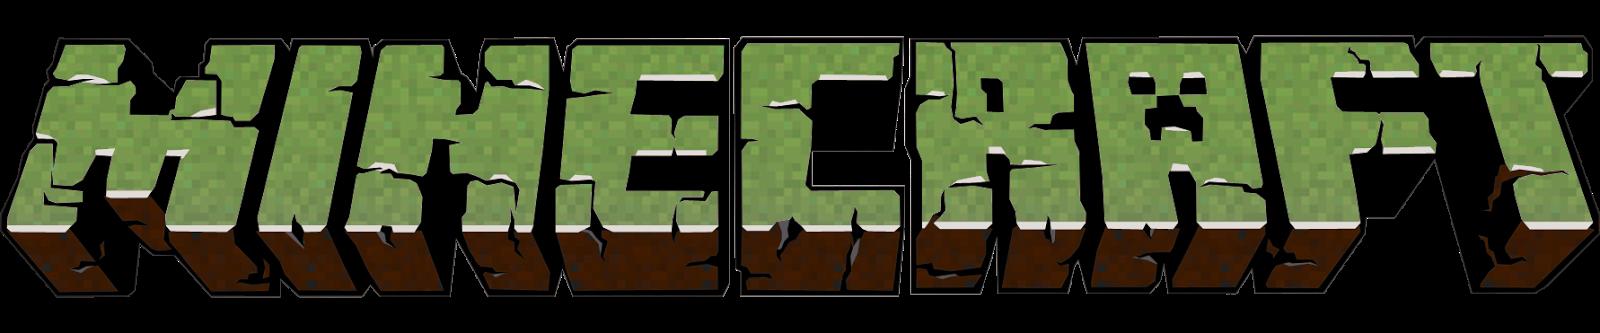 Minecraft Grass text